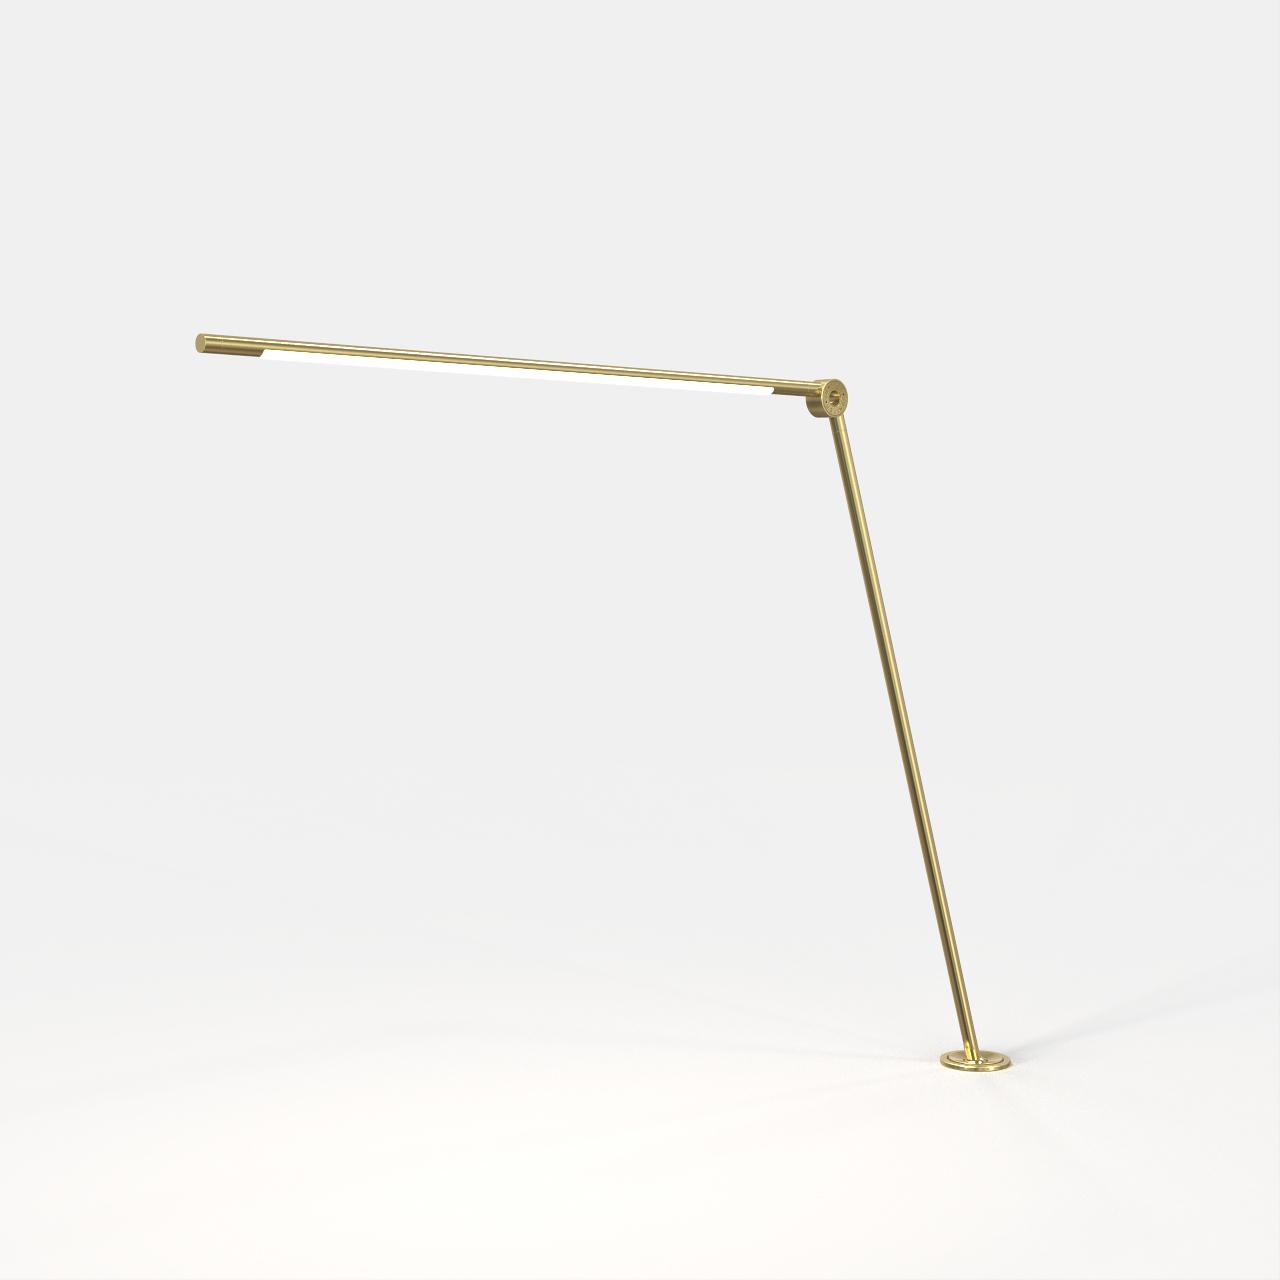 Juniper thin task t inset thtg brass